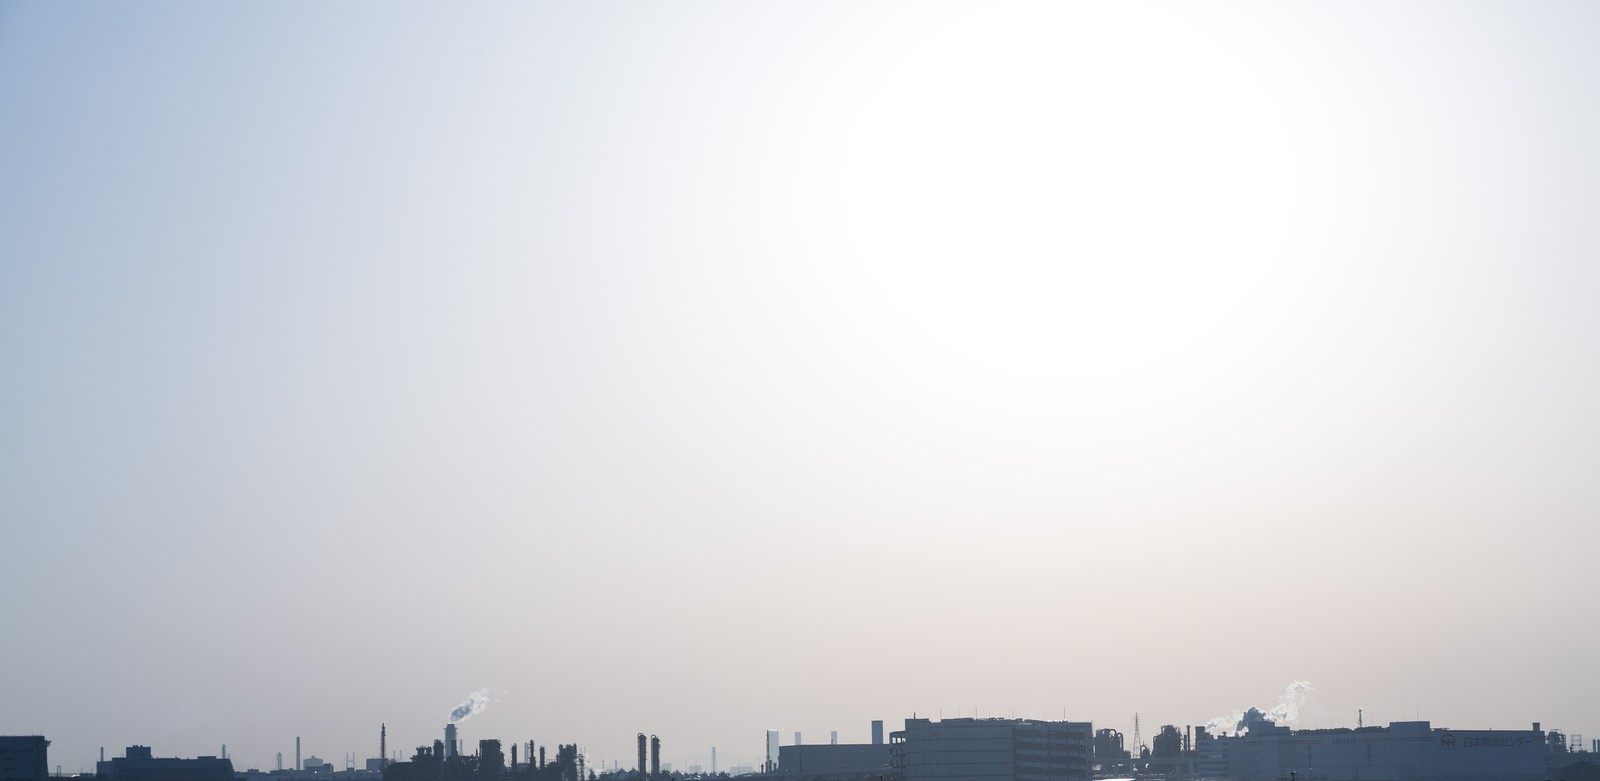 「光化学スモッグと工場光化学スモッグと工場」のフリー写真素材を拡大